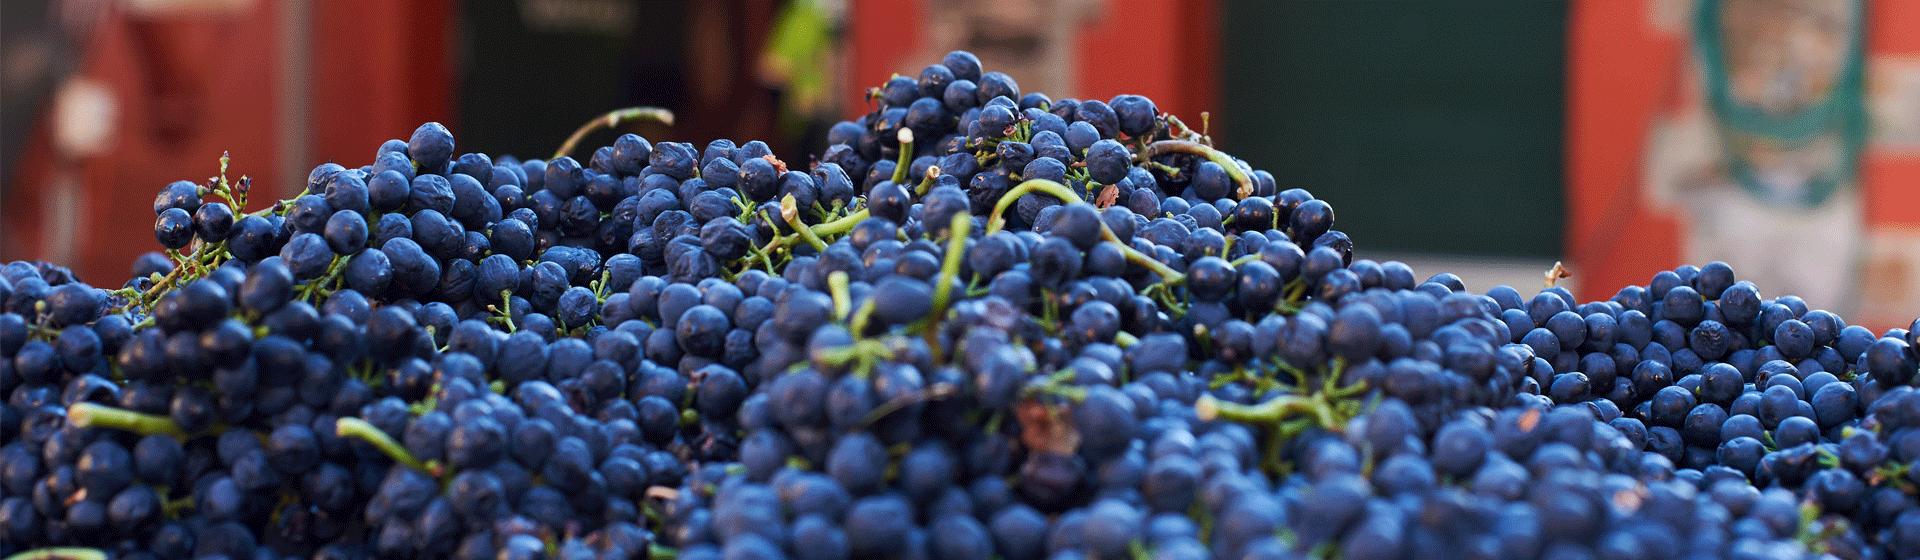 Shiraz Fruit Magill